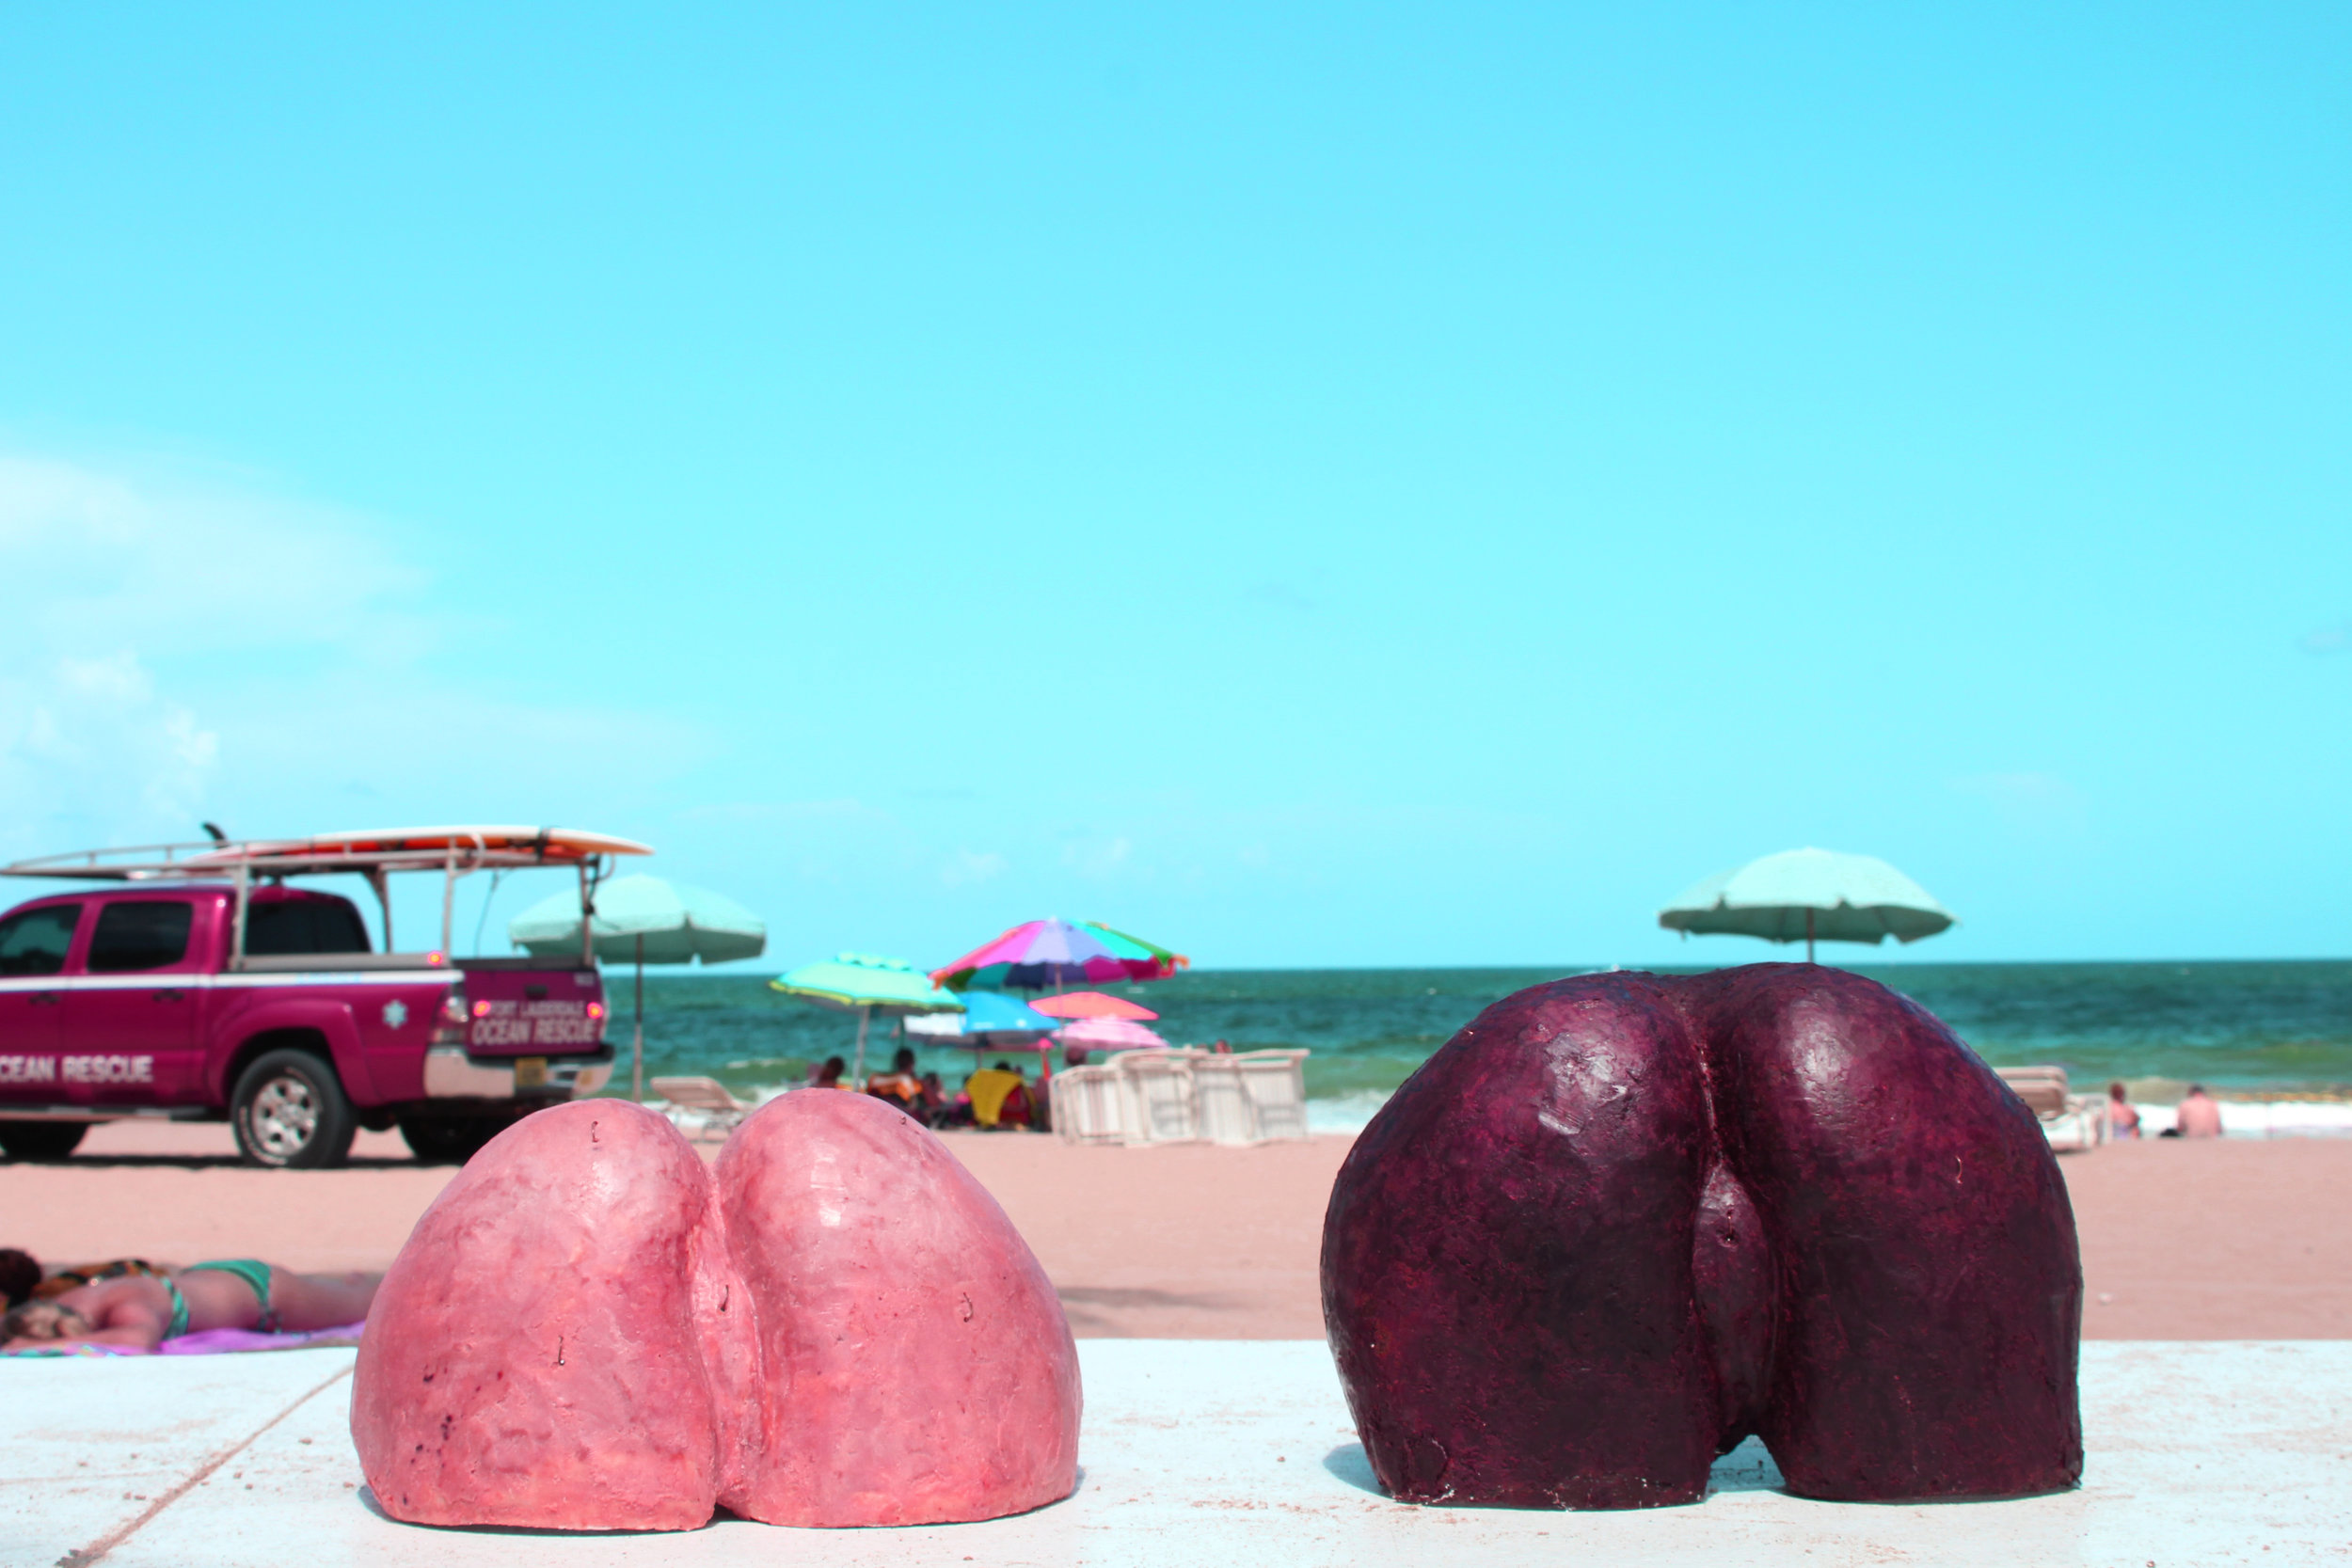 beach_wax_that_ass_sculpture_allison_bouganim_artist_feminism.jpg